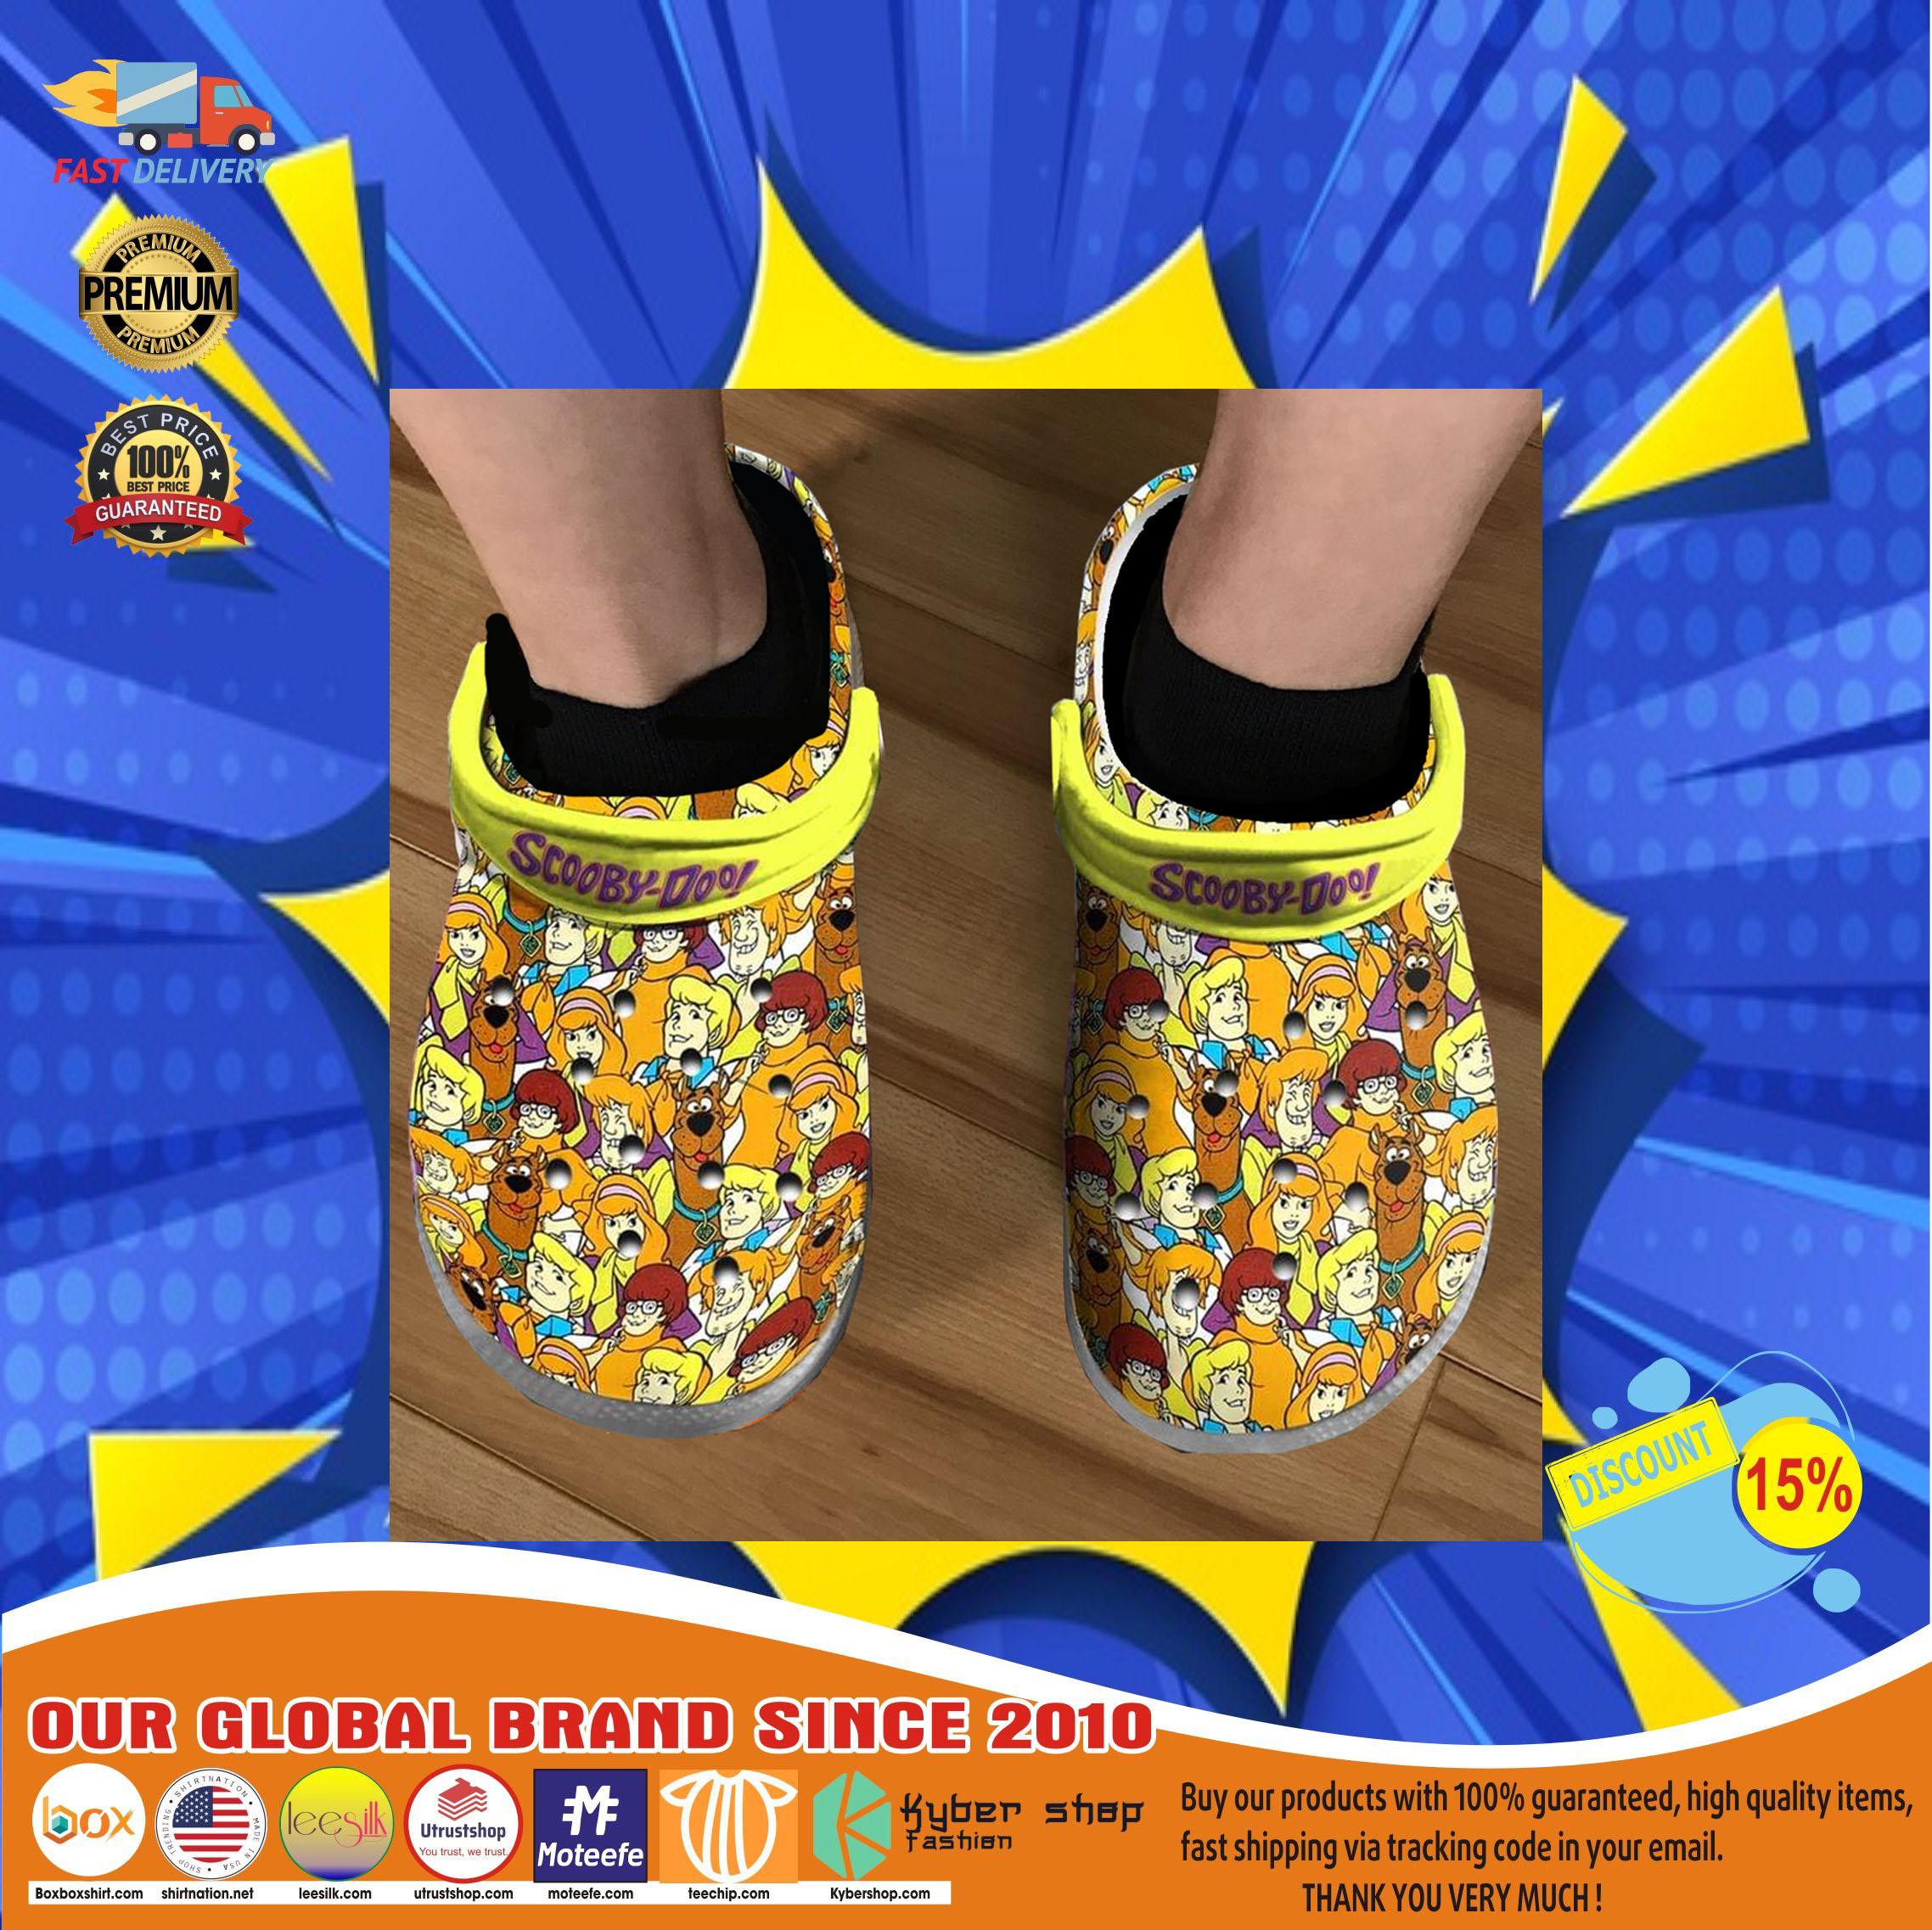 Scooby doo crocs clog shoes11